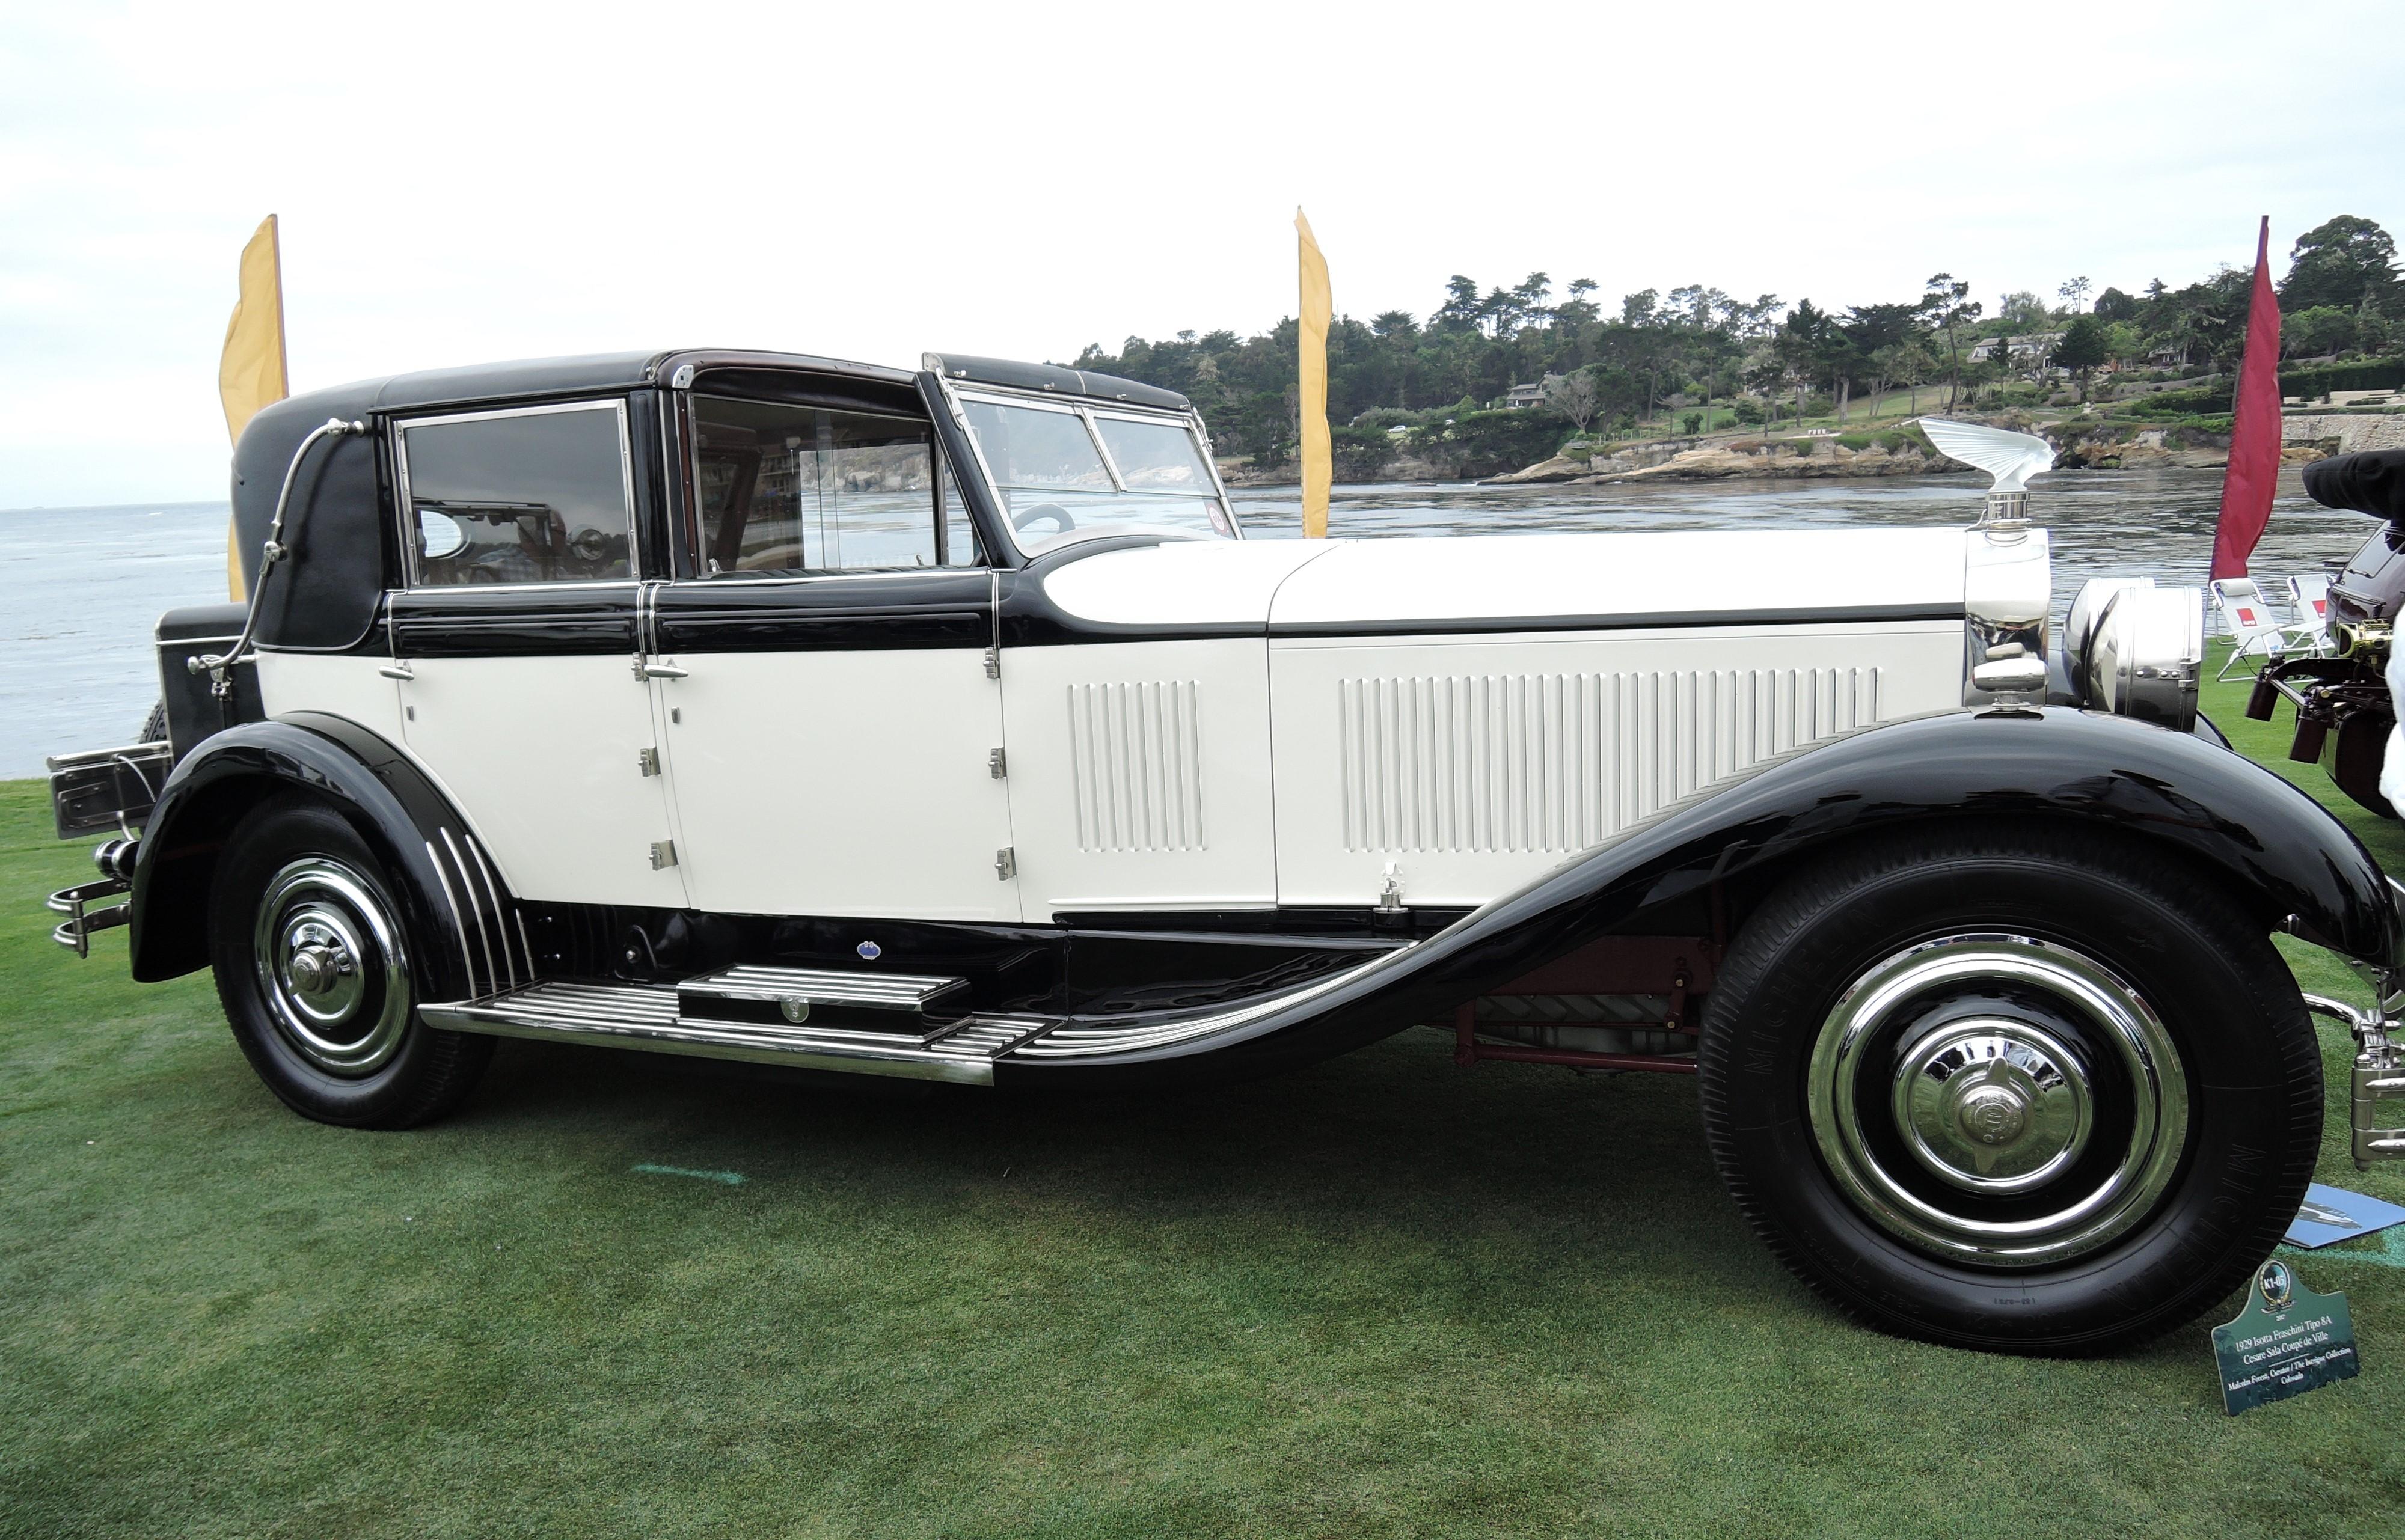 white/black 1929 Isotta Fraschini Tipo 8A Cesare Sala Coupe de Ville - Pebble Beach Concours d'Elegance 2017